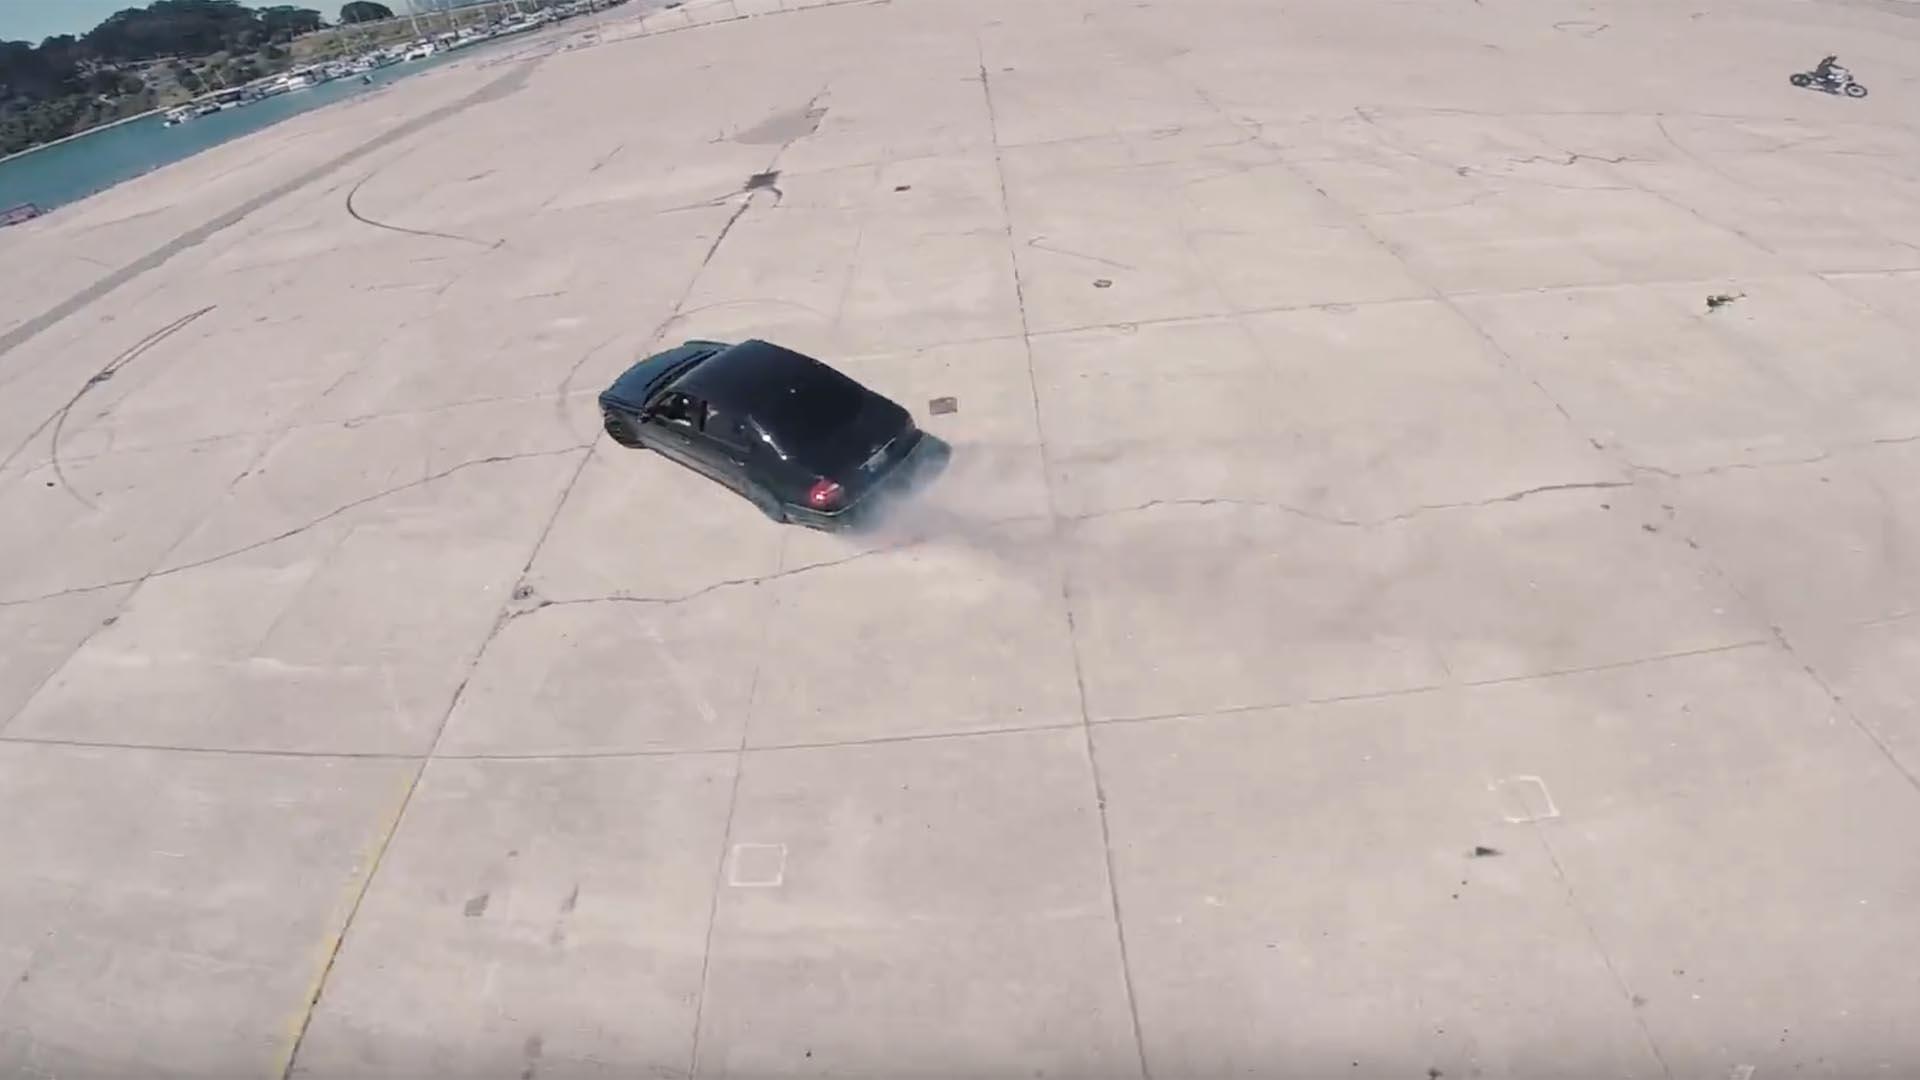 A Reliable Drift Car Is The Best Drift Car - Dapper Drift Episode 4